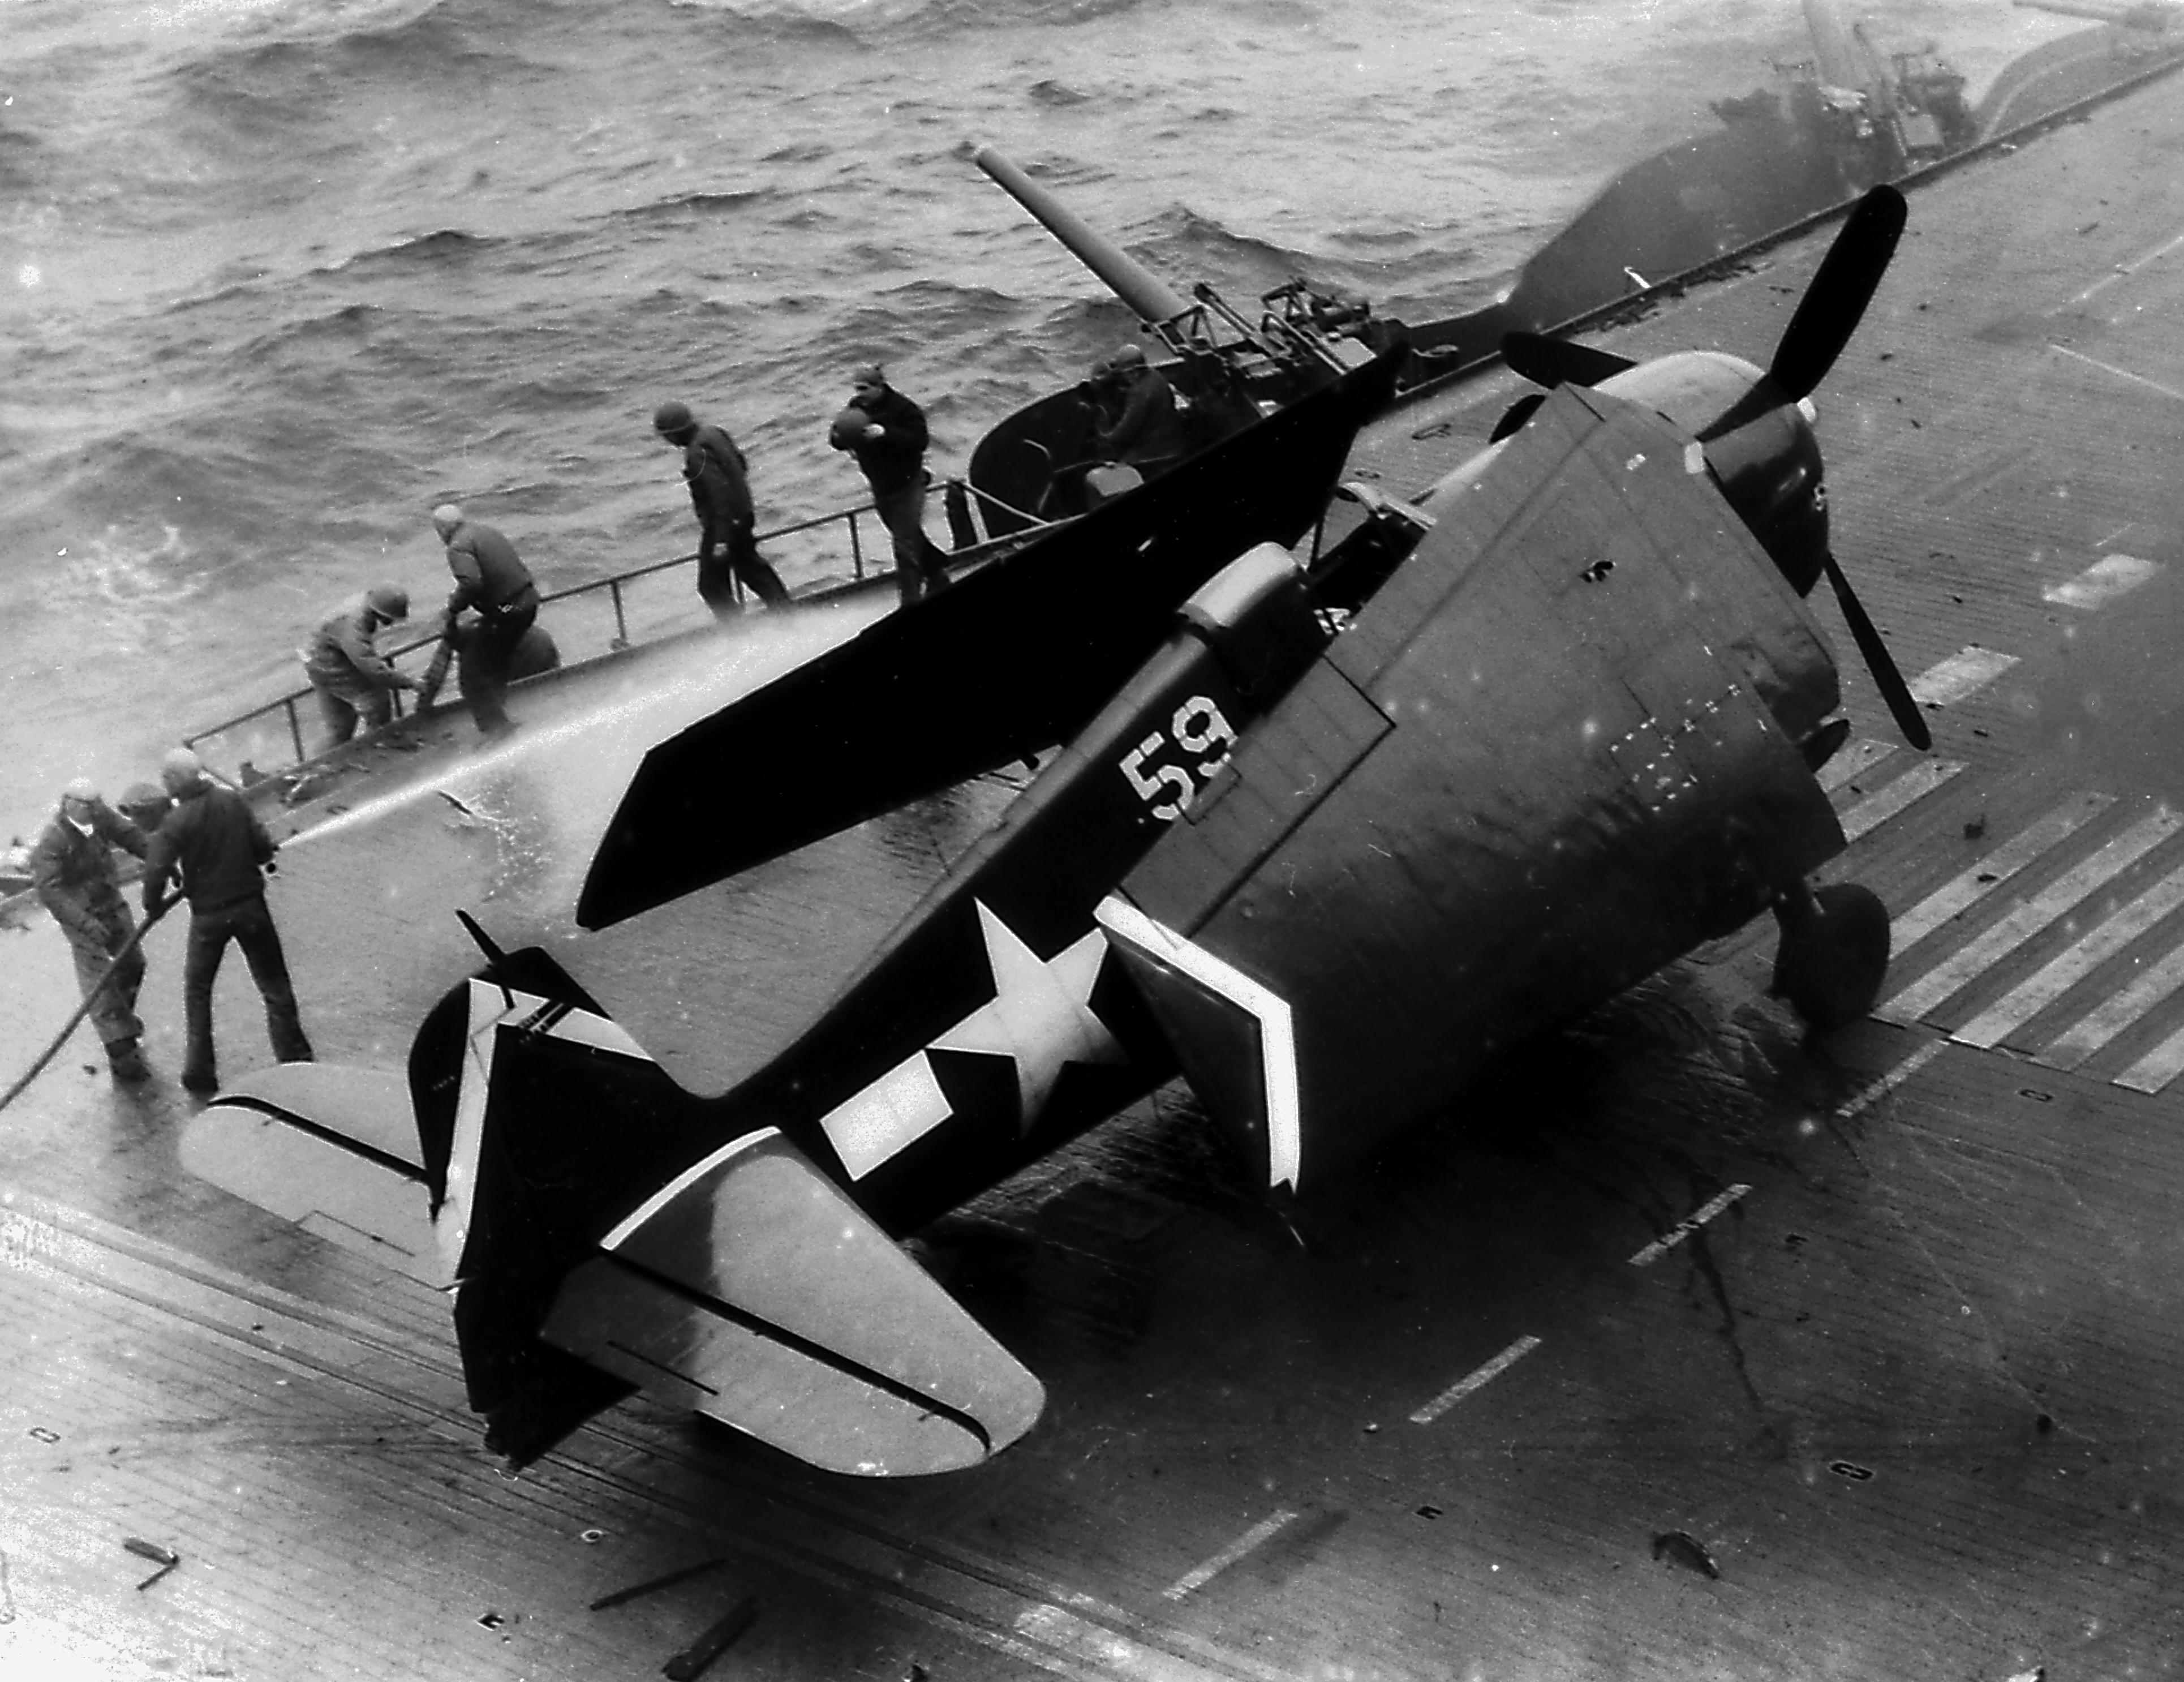 Grumman F6F 5 Hellcat VF 53 White 59 during kamikaze attack CV 3 USS Saratoga 21st Feb 1945 01